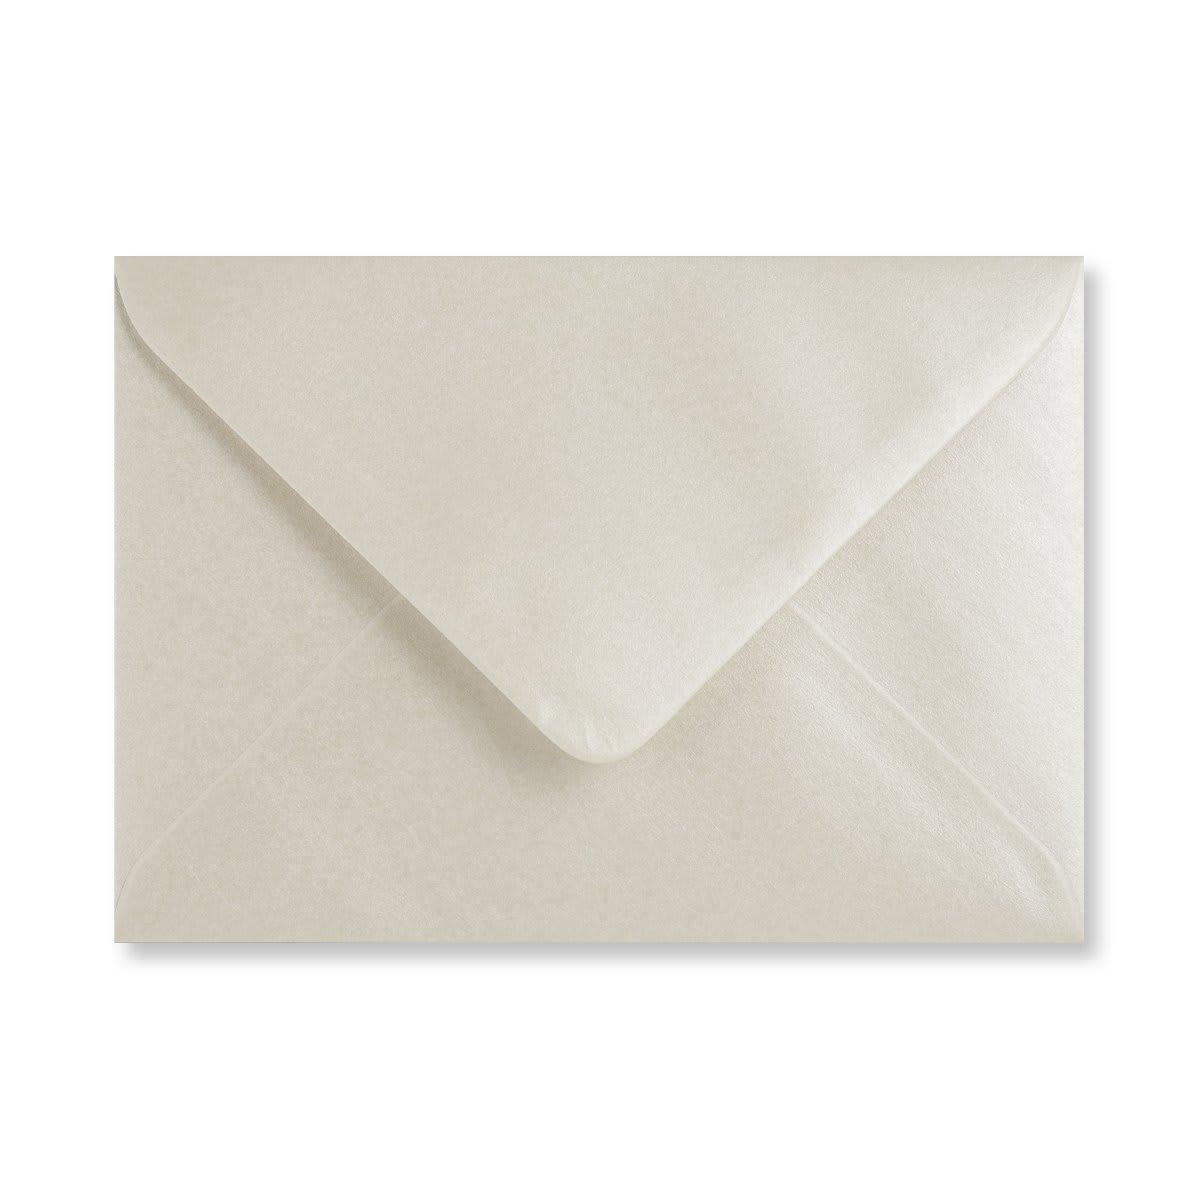 C6 PEARL OYSTER WHITE ENVELOPES